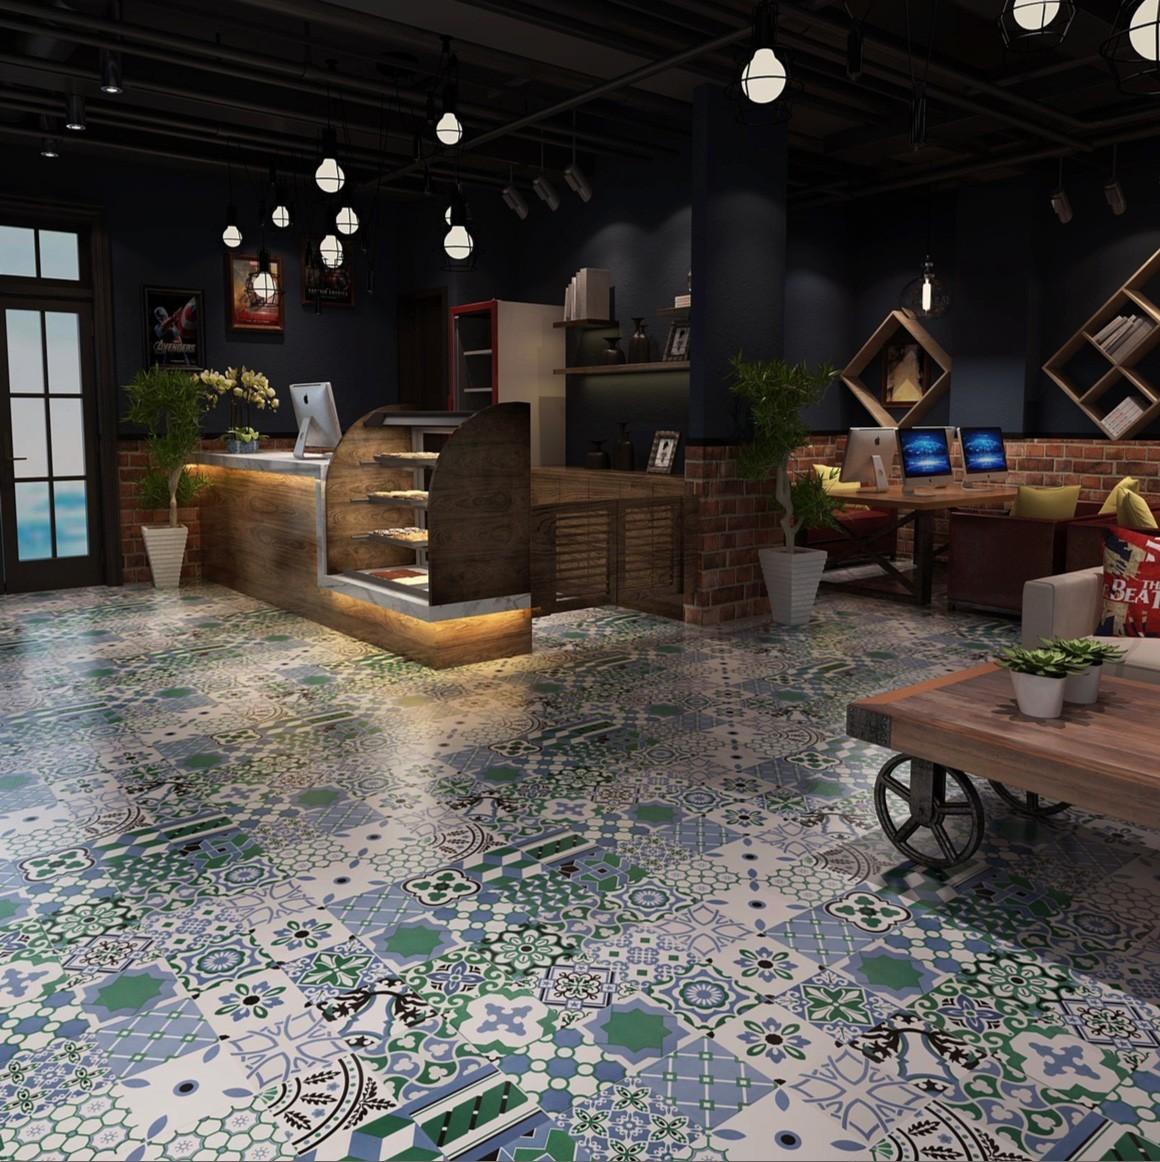 Carrelage Gres Cerame Imitation Ciment patchwork carreaux ciment crédence cuisine, fond de hotte limana